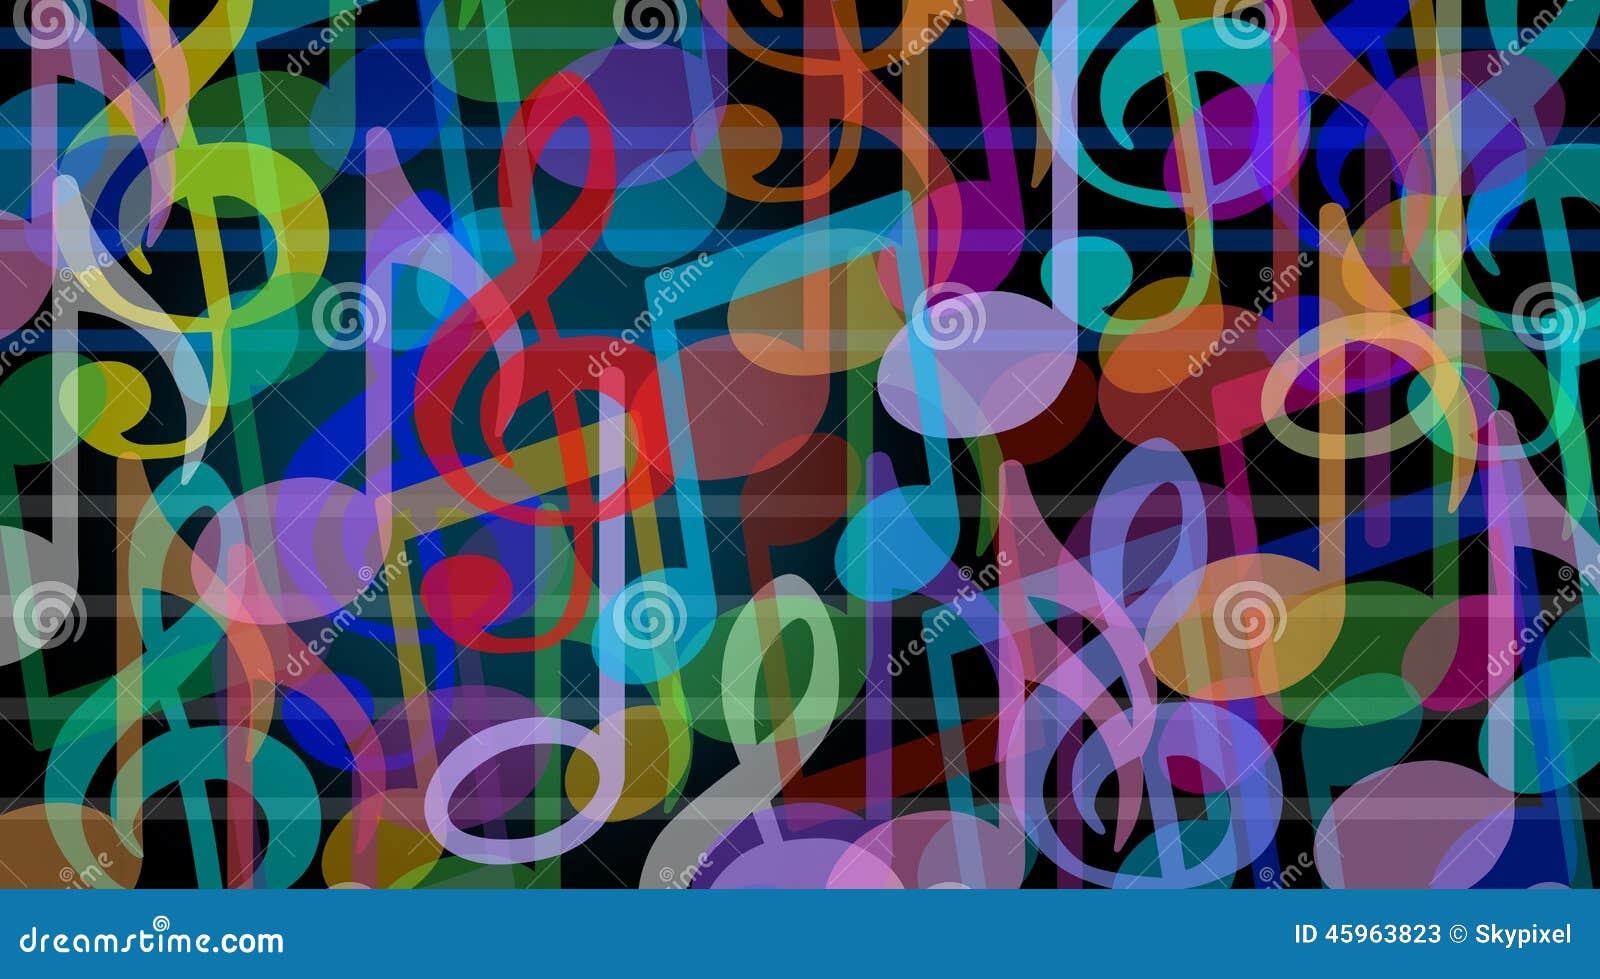 音乐背景和音乐艺术标志作为一个小组曲调笔记在音频和谐概念一起图片